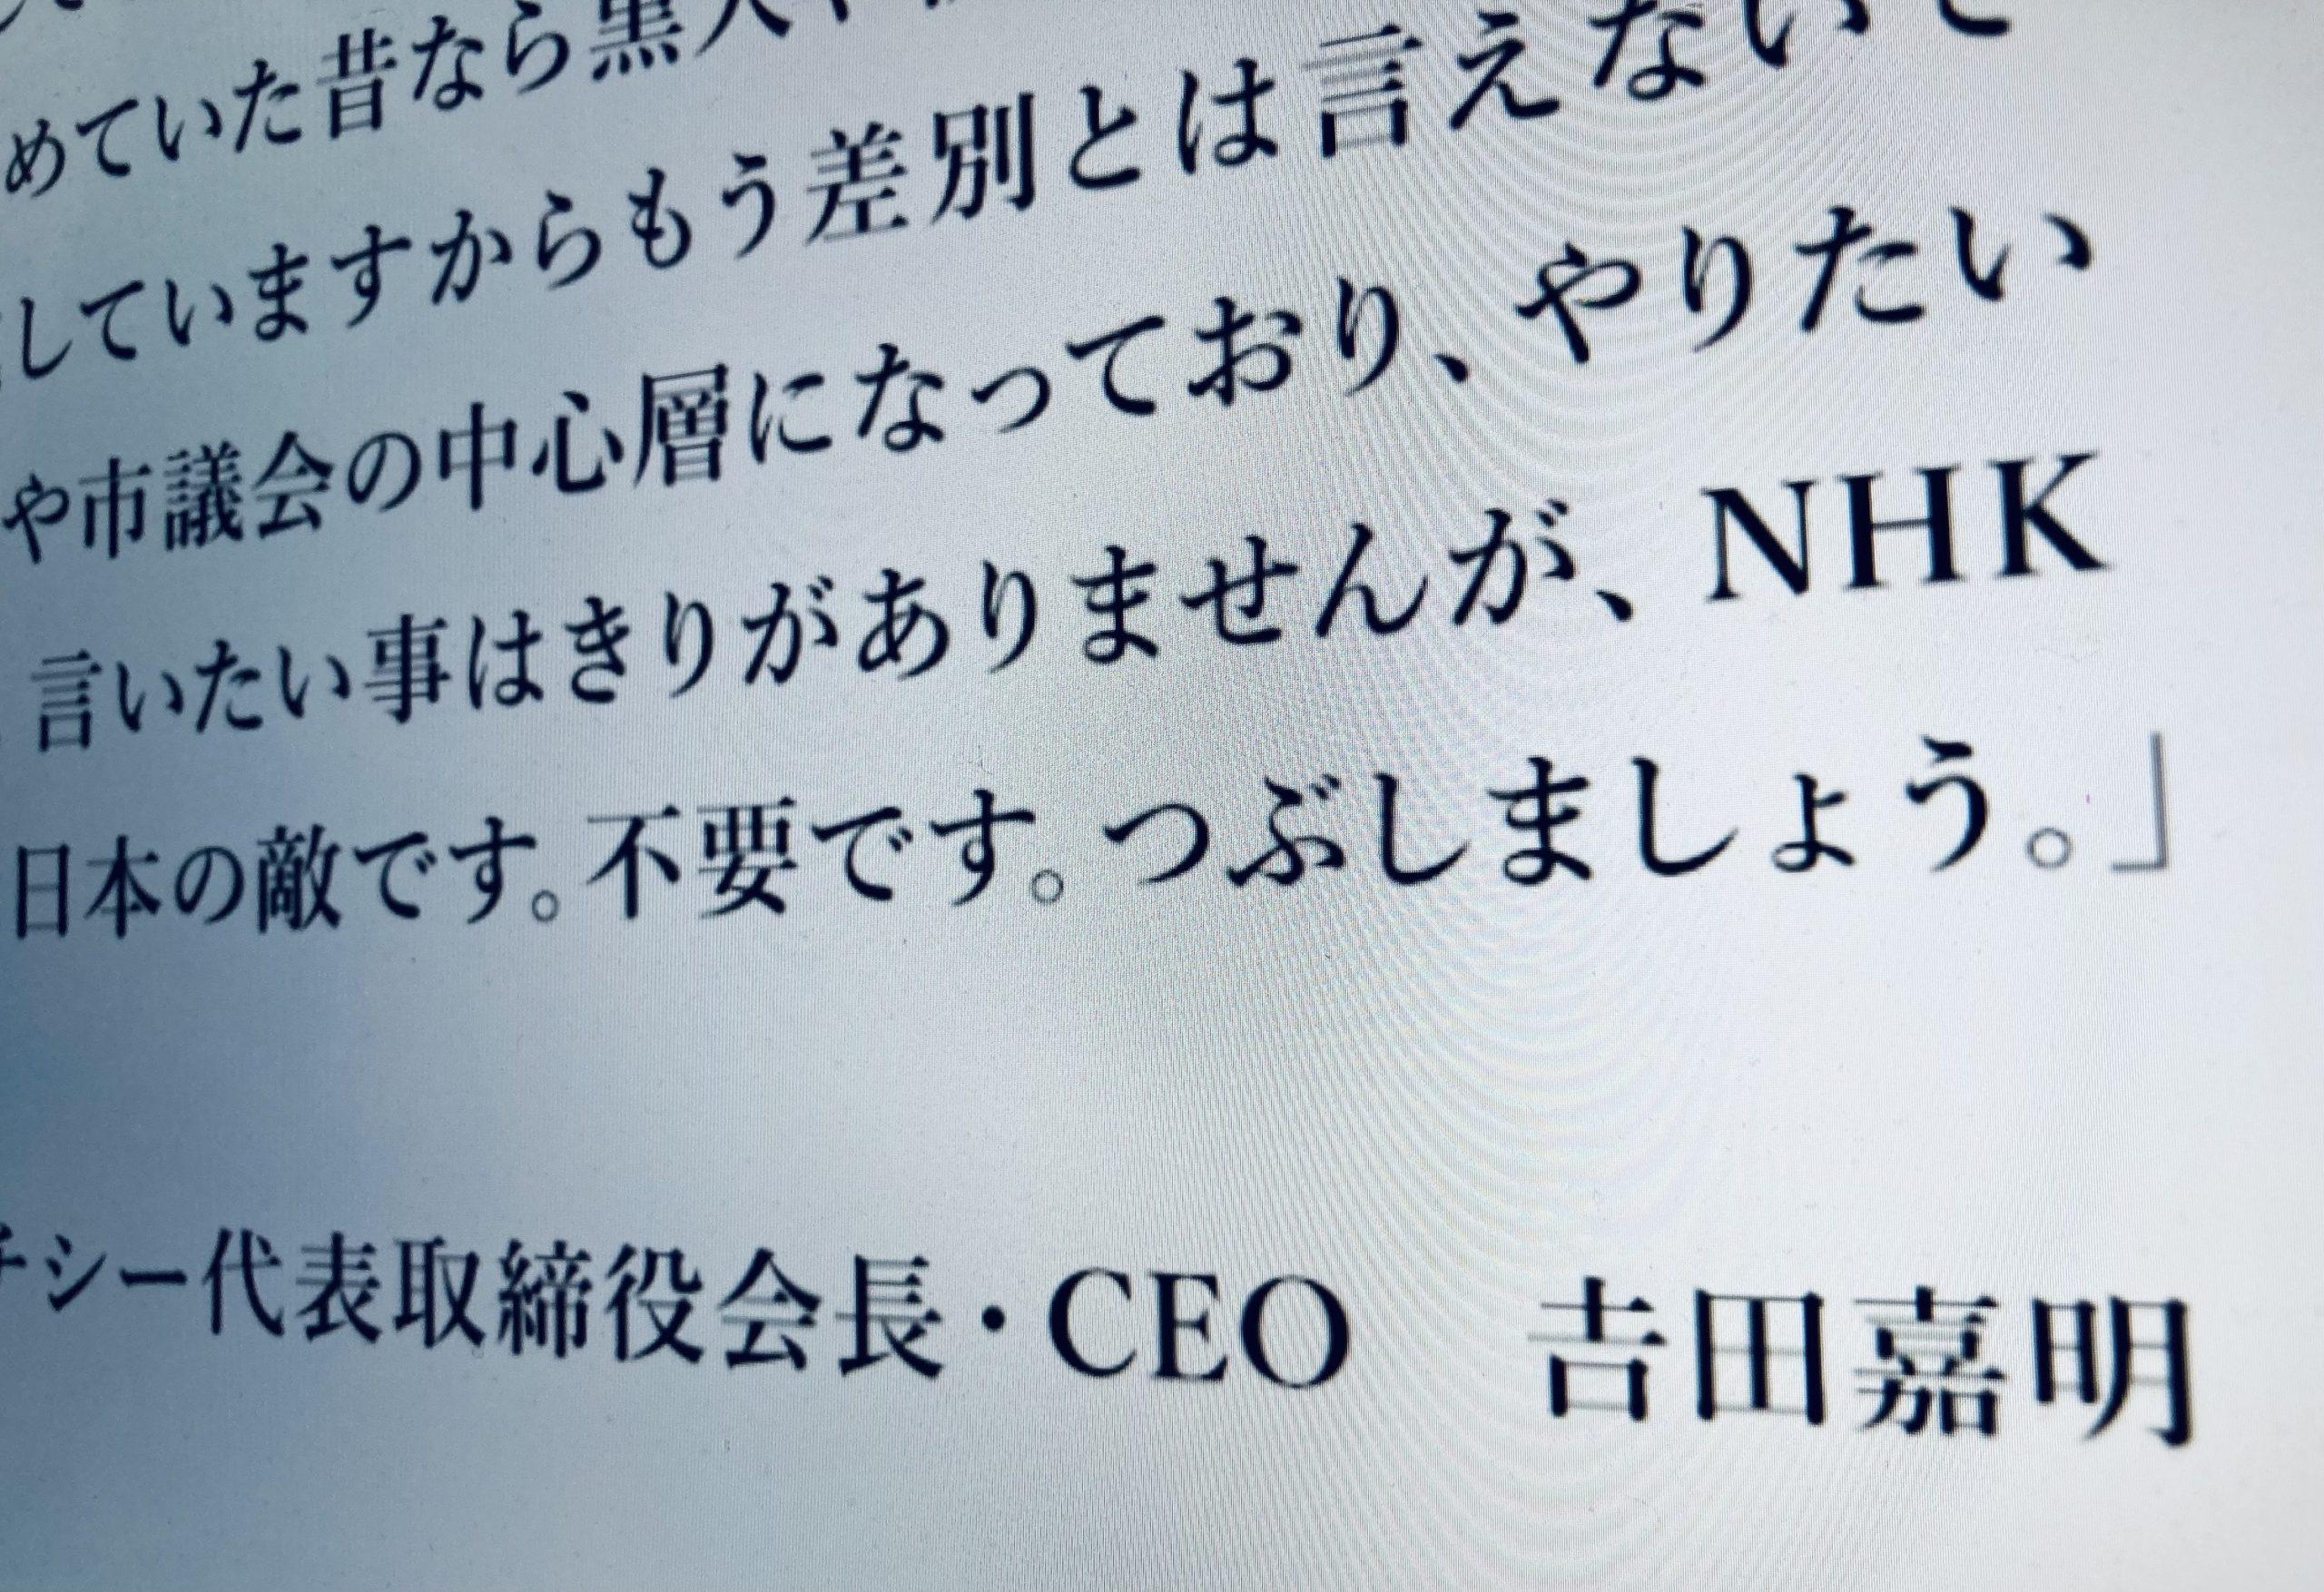 【DHC会長】NHKは街角インタビューでコリア ン系を選んでる。後頭部の絶壁で見分けがつく。NHKは日本の敵です。つぶしましょう  [ばーど★]